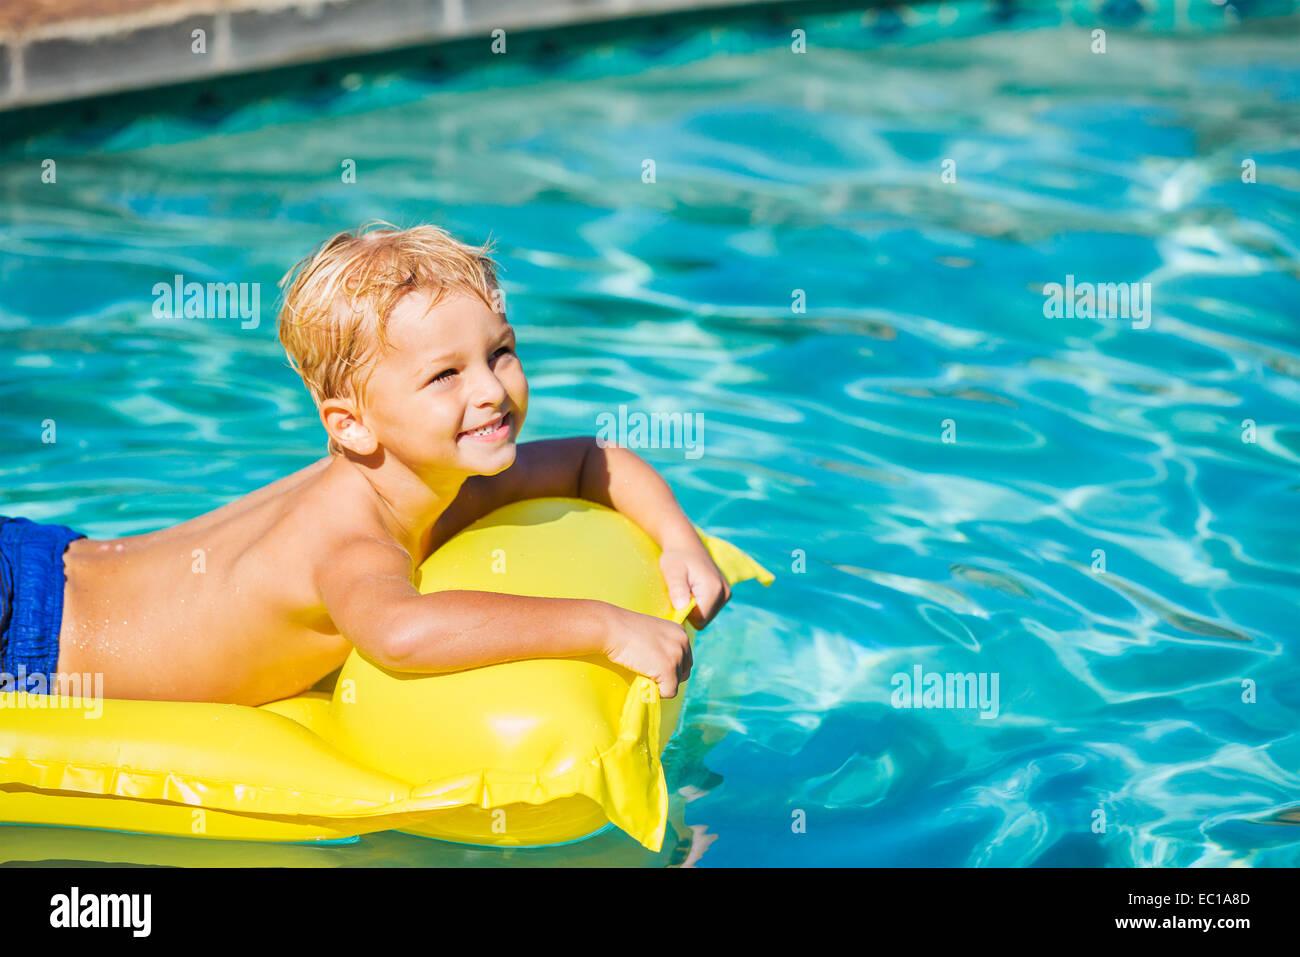 Giovane ragazzo in relax e divertimento in piscina sulla zattera di giallo. La vacanza estiva di divertimento. Stile Immagini Stock